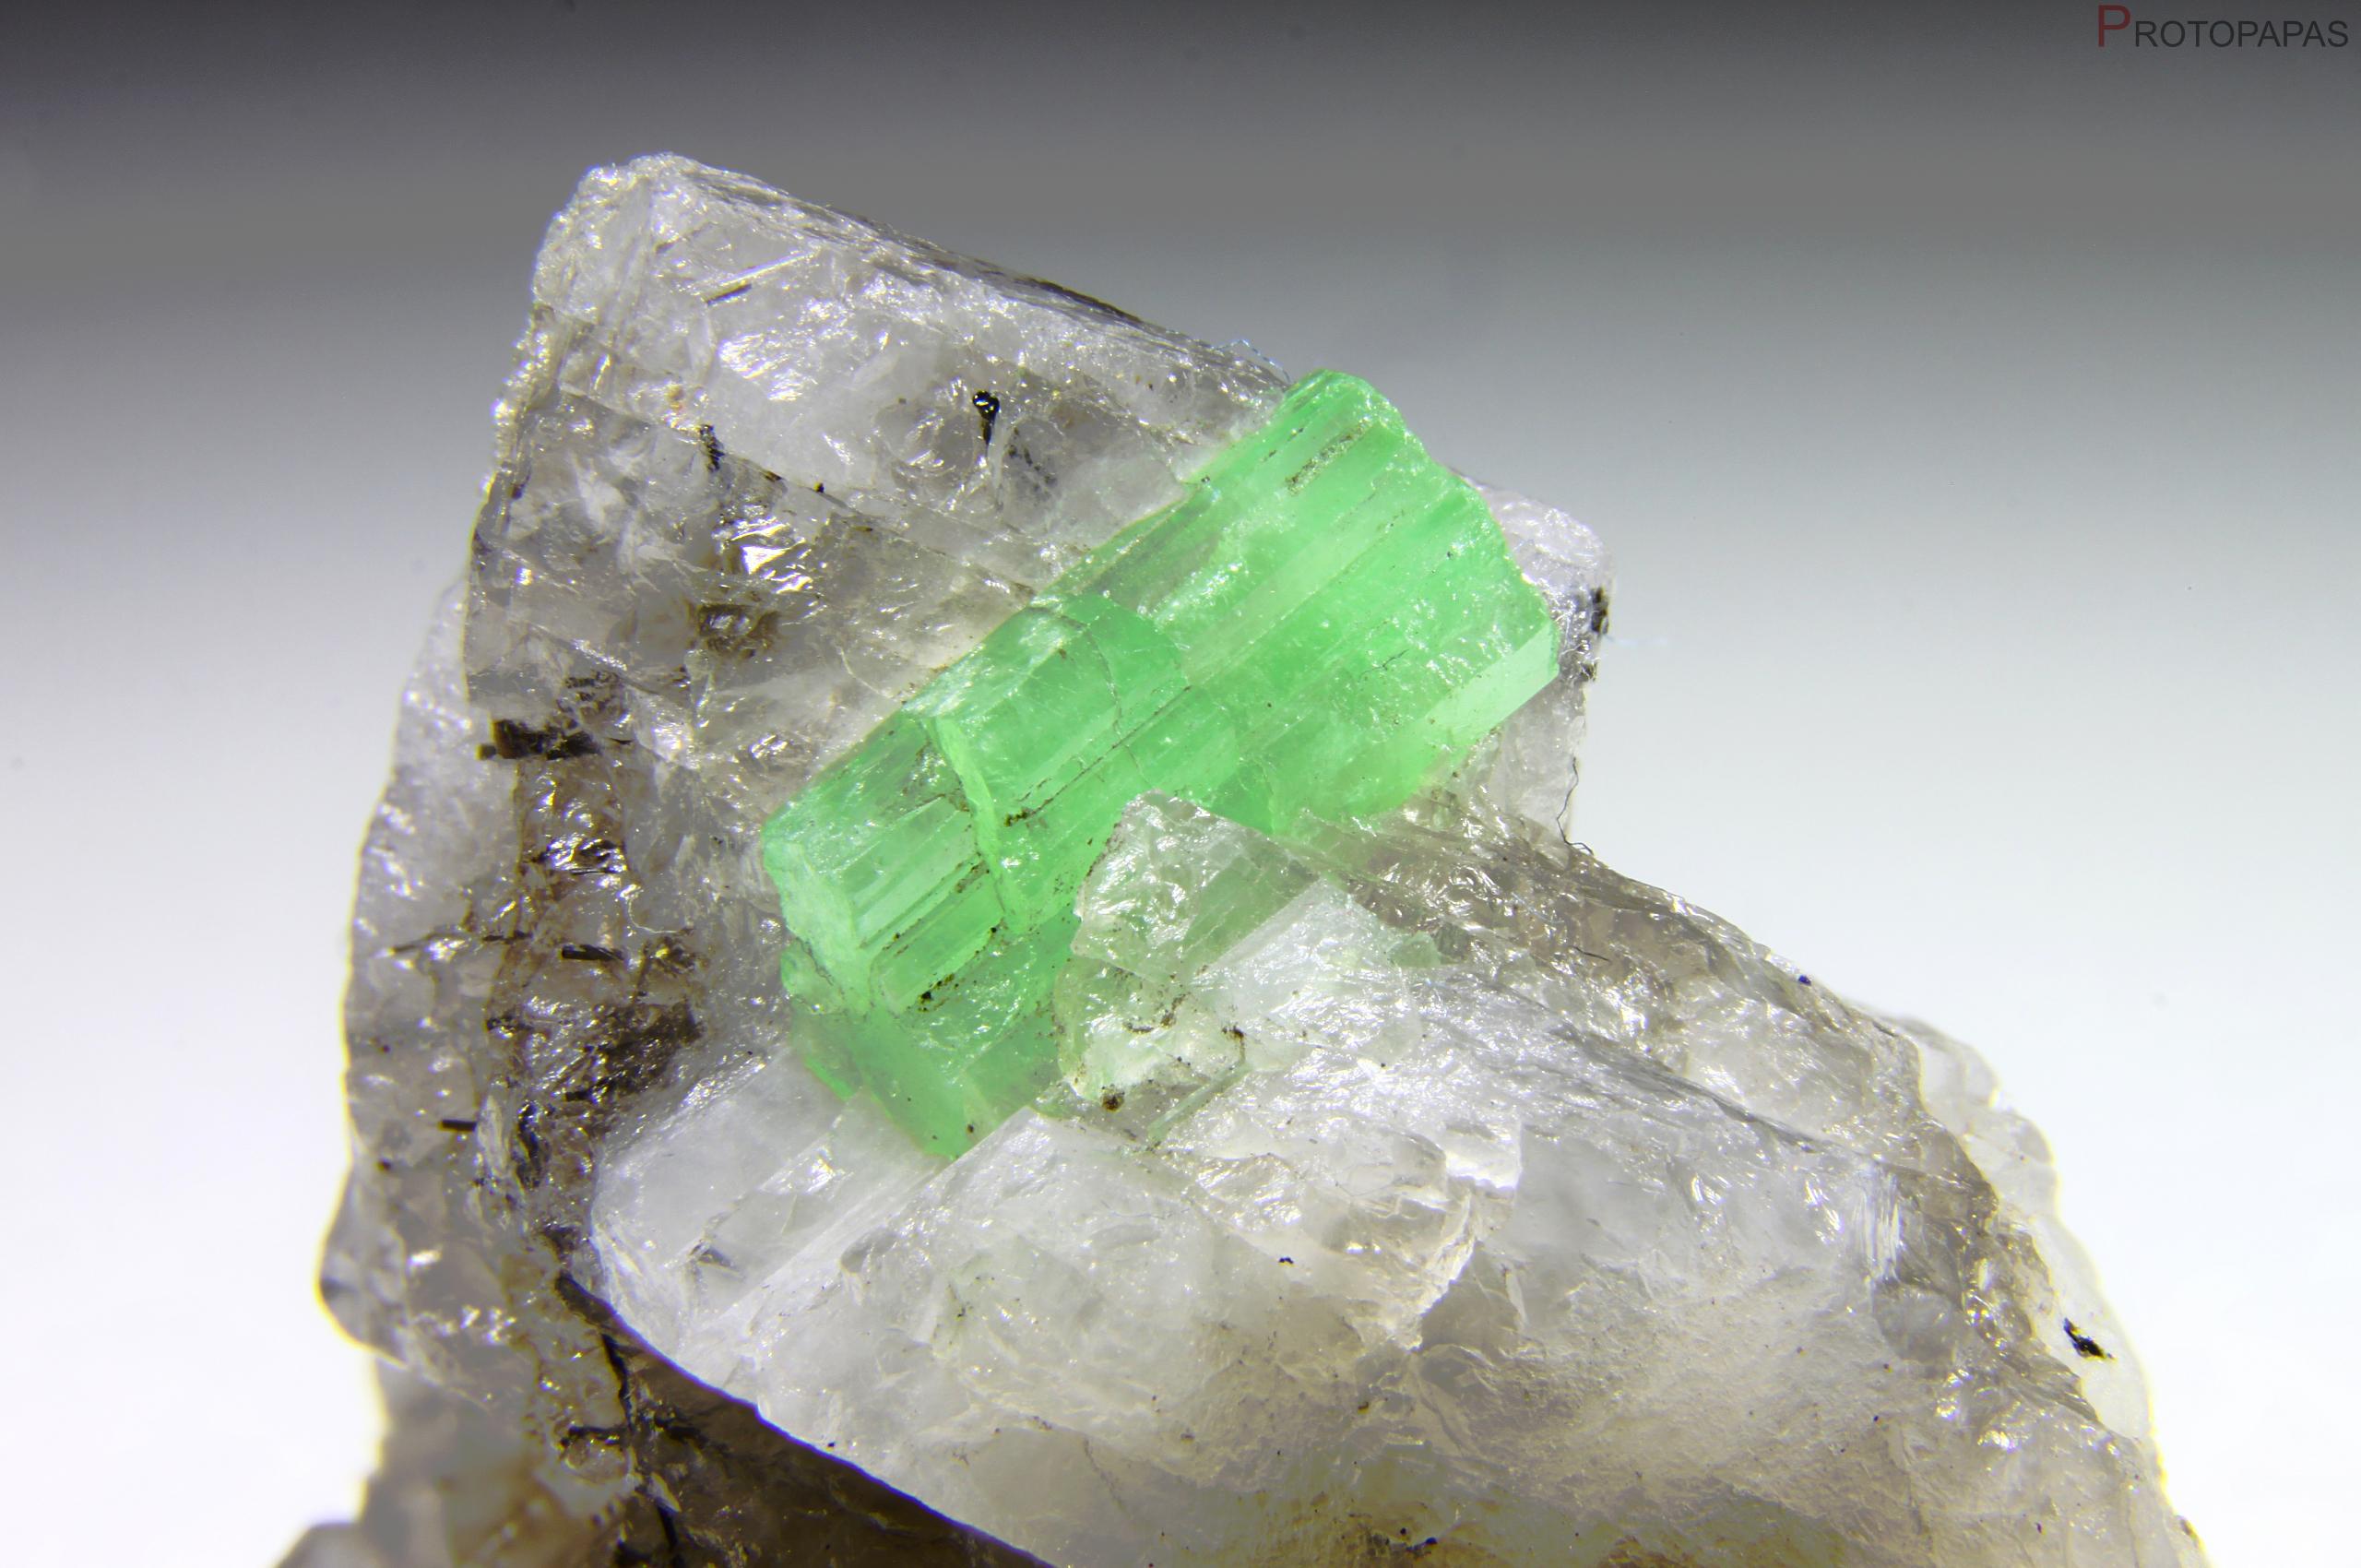 Green Beryl from Guizhou, China